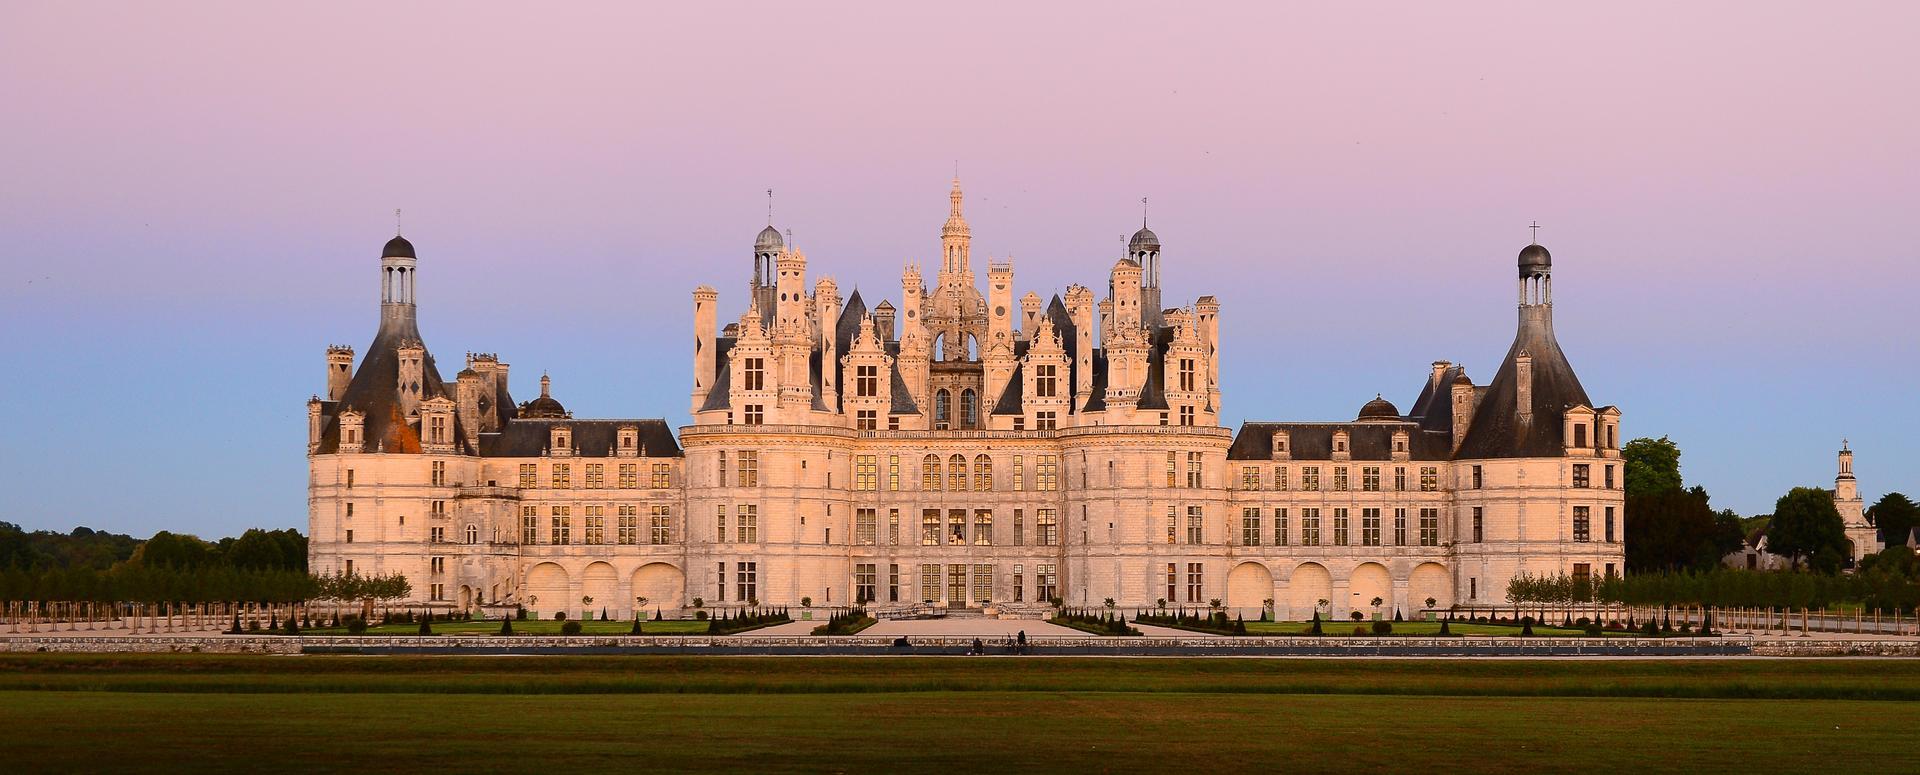 Chateau La Tour Carnet